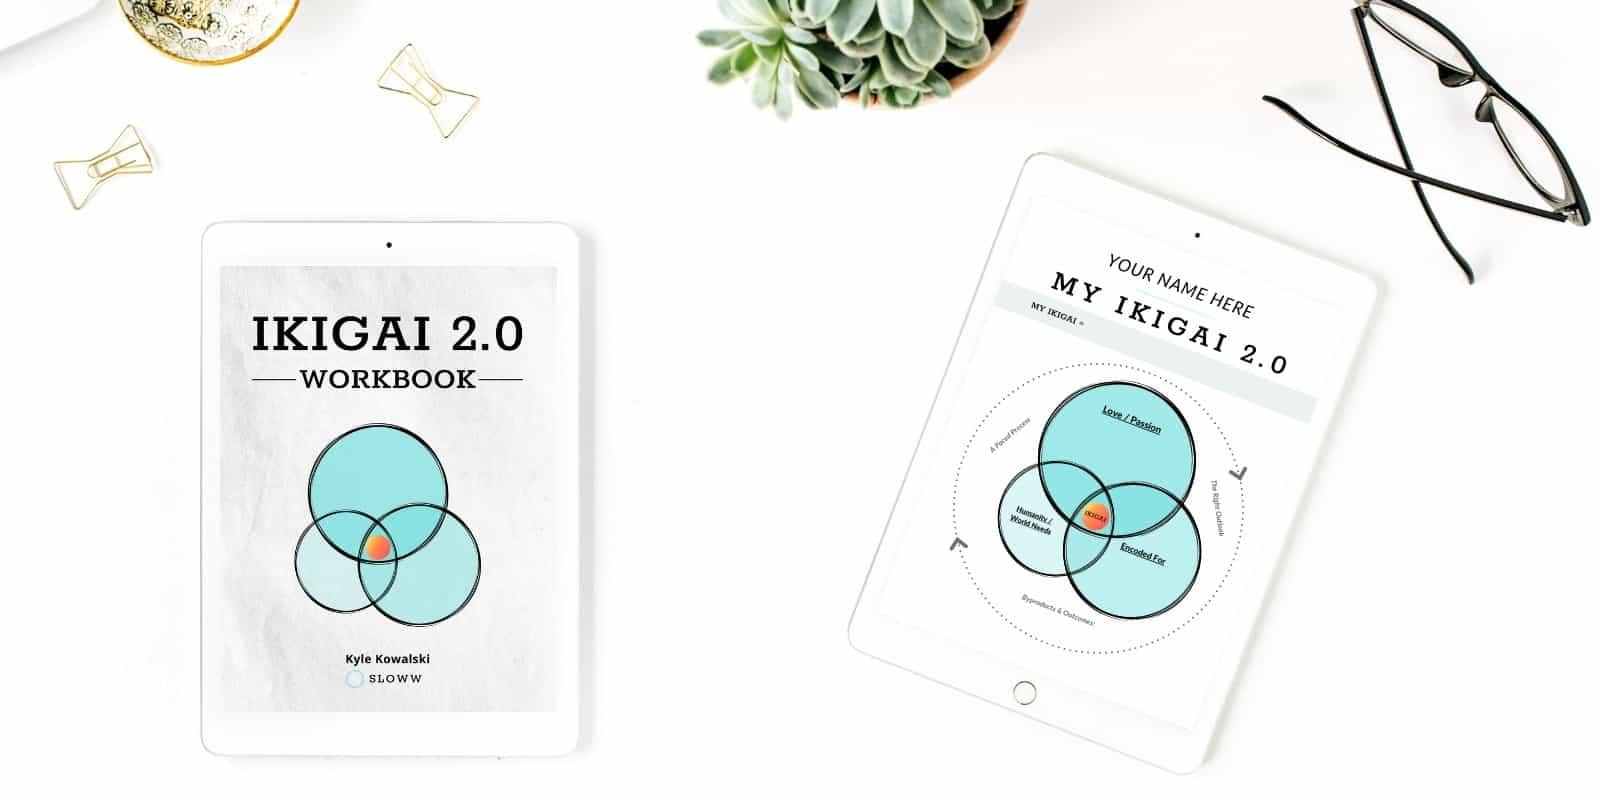 Sloww Ikigai 2.0 eBook Workbook